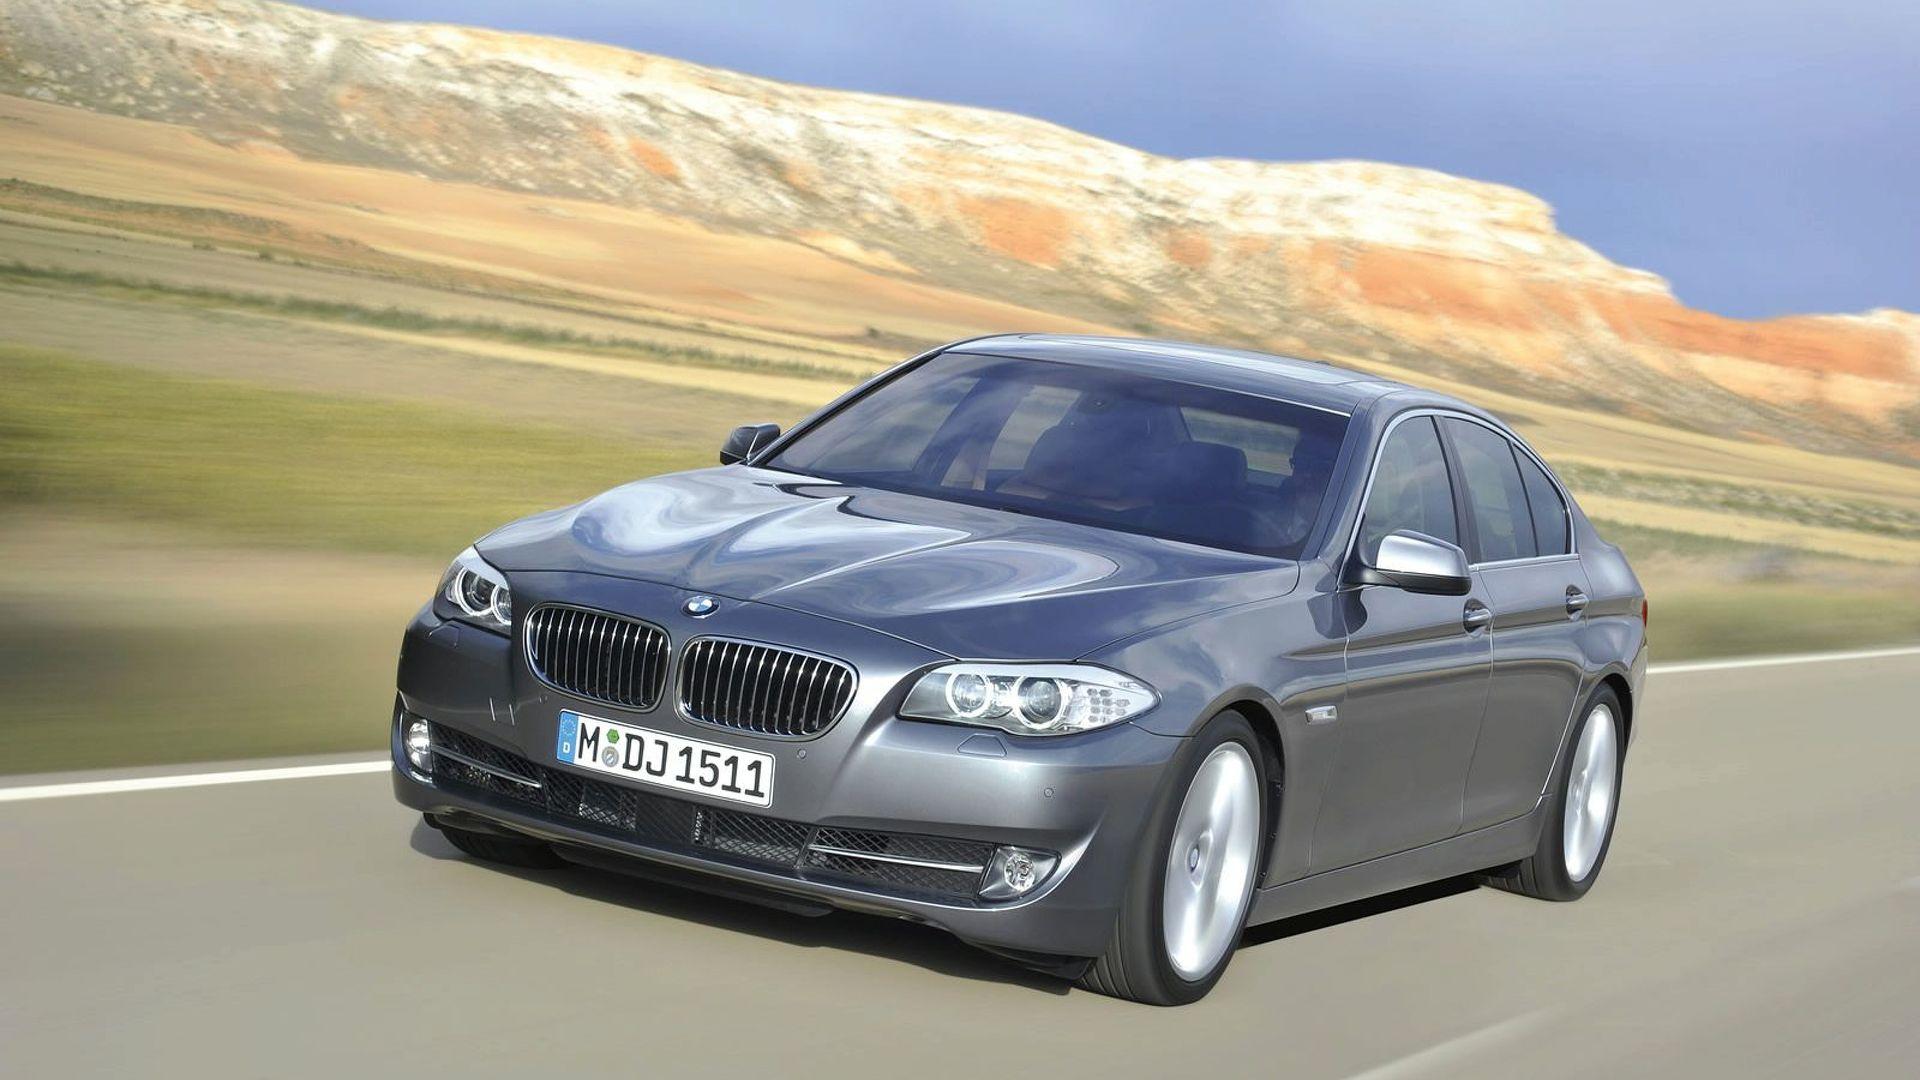 Wonderbaarlijk 2011 BMW 5-Series F10 Sedan Revealed [Video] RE-91